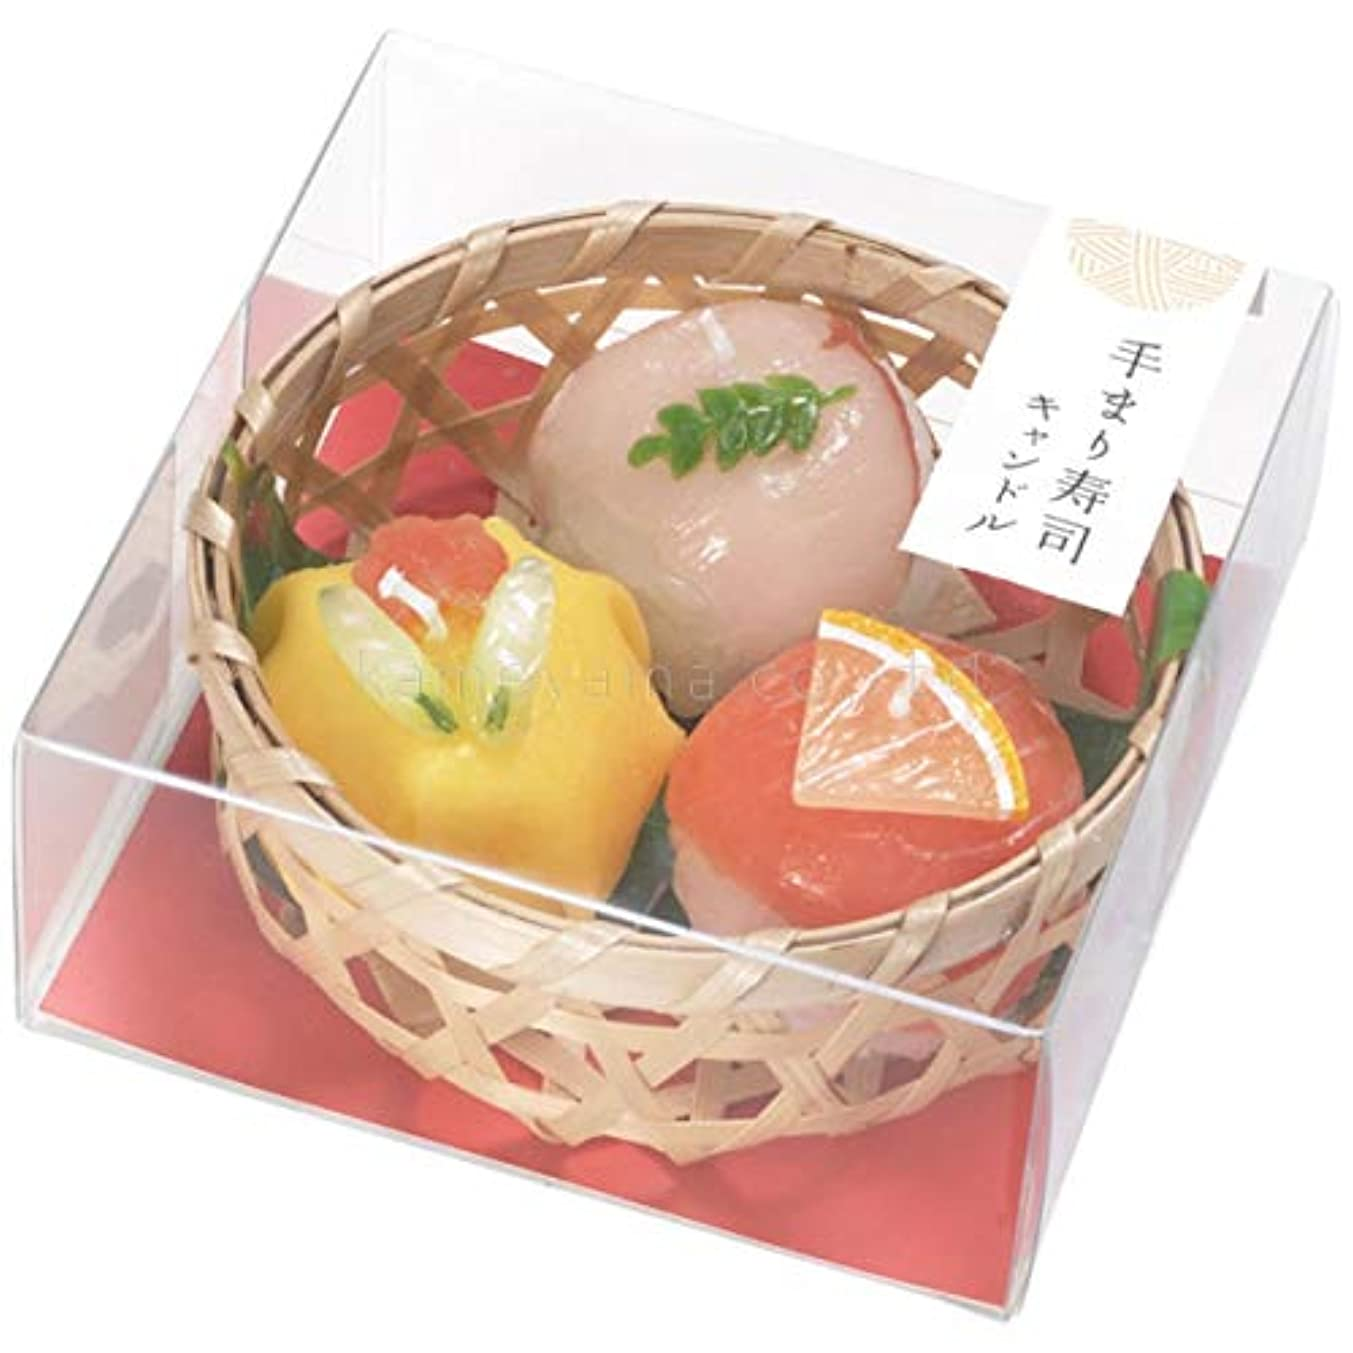 続編調停者賭け手まり寿司キャンドル (故人の好物シリーズ)